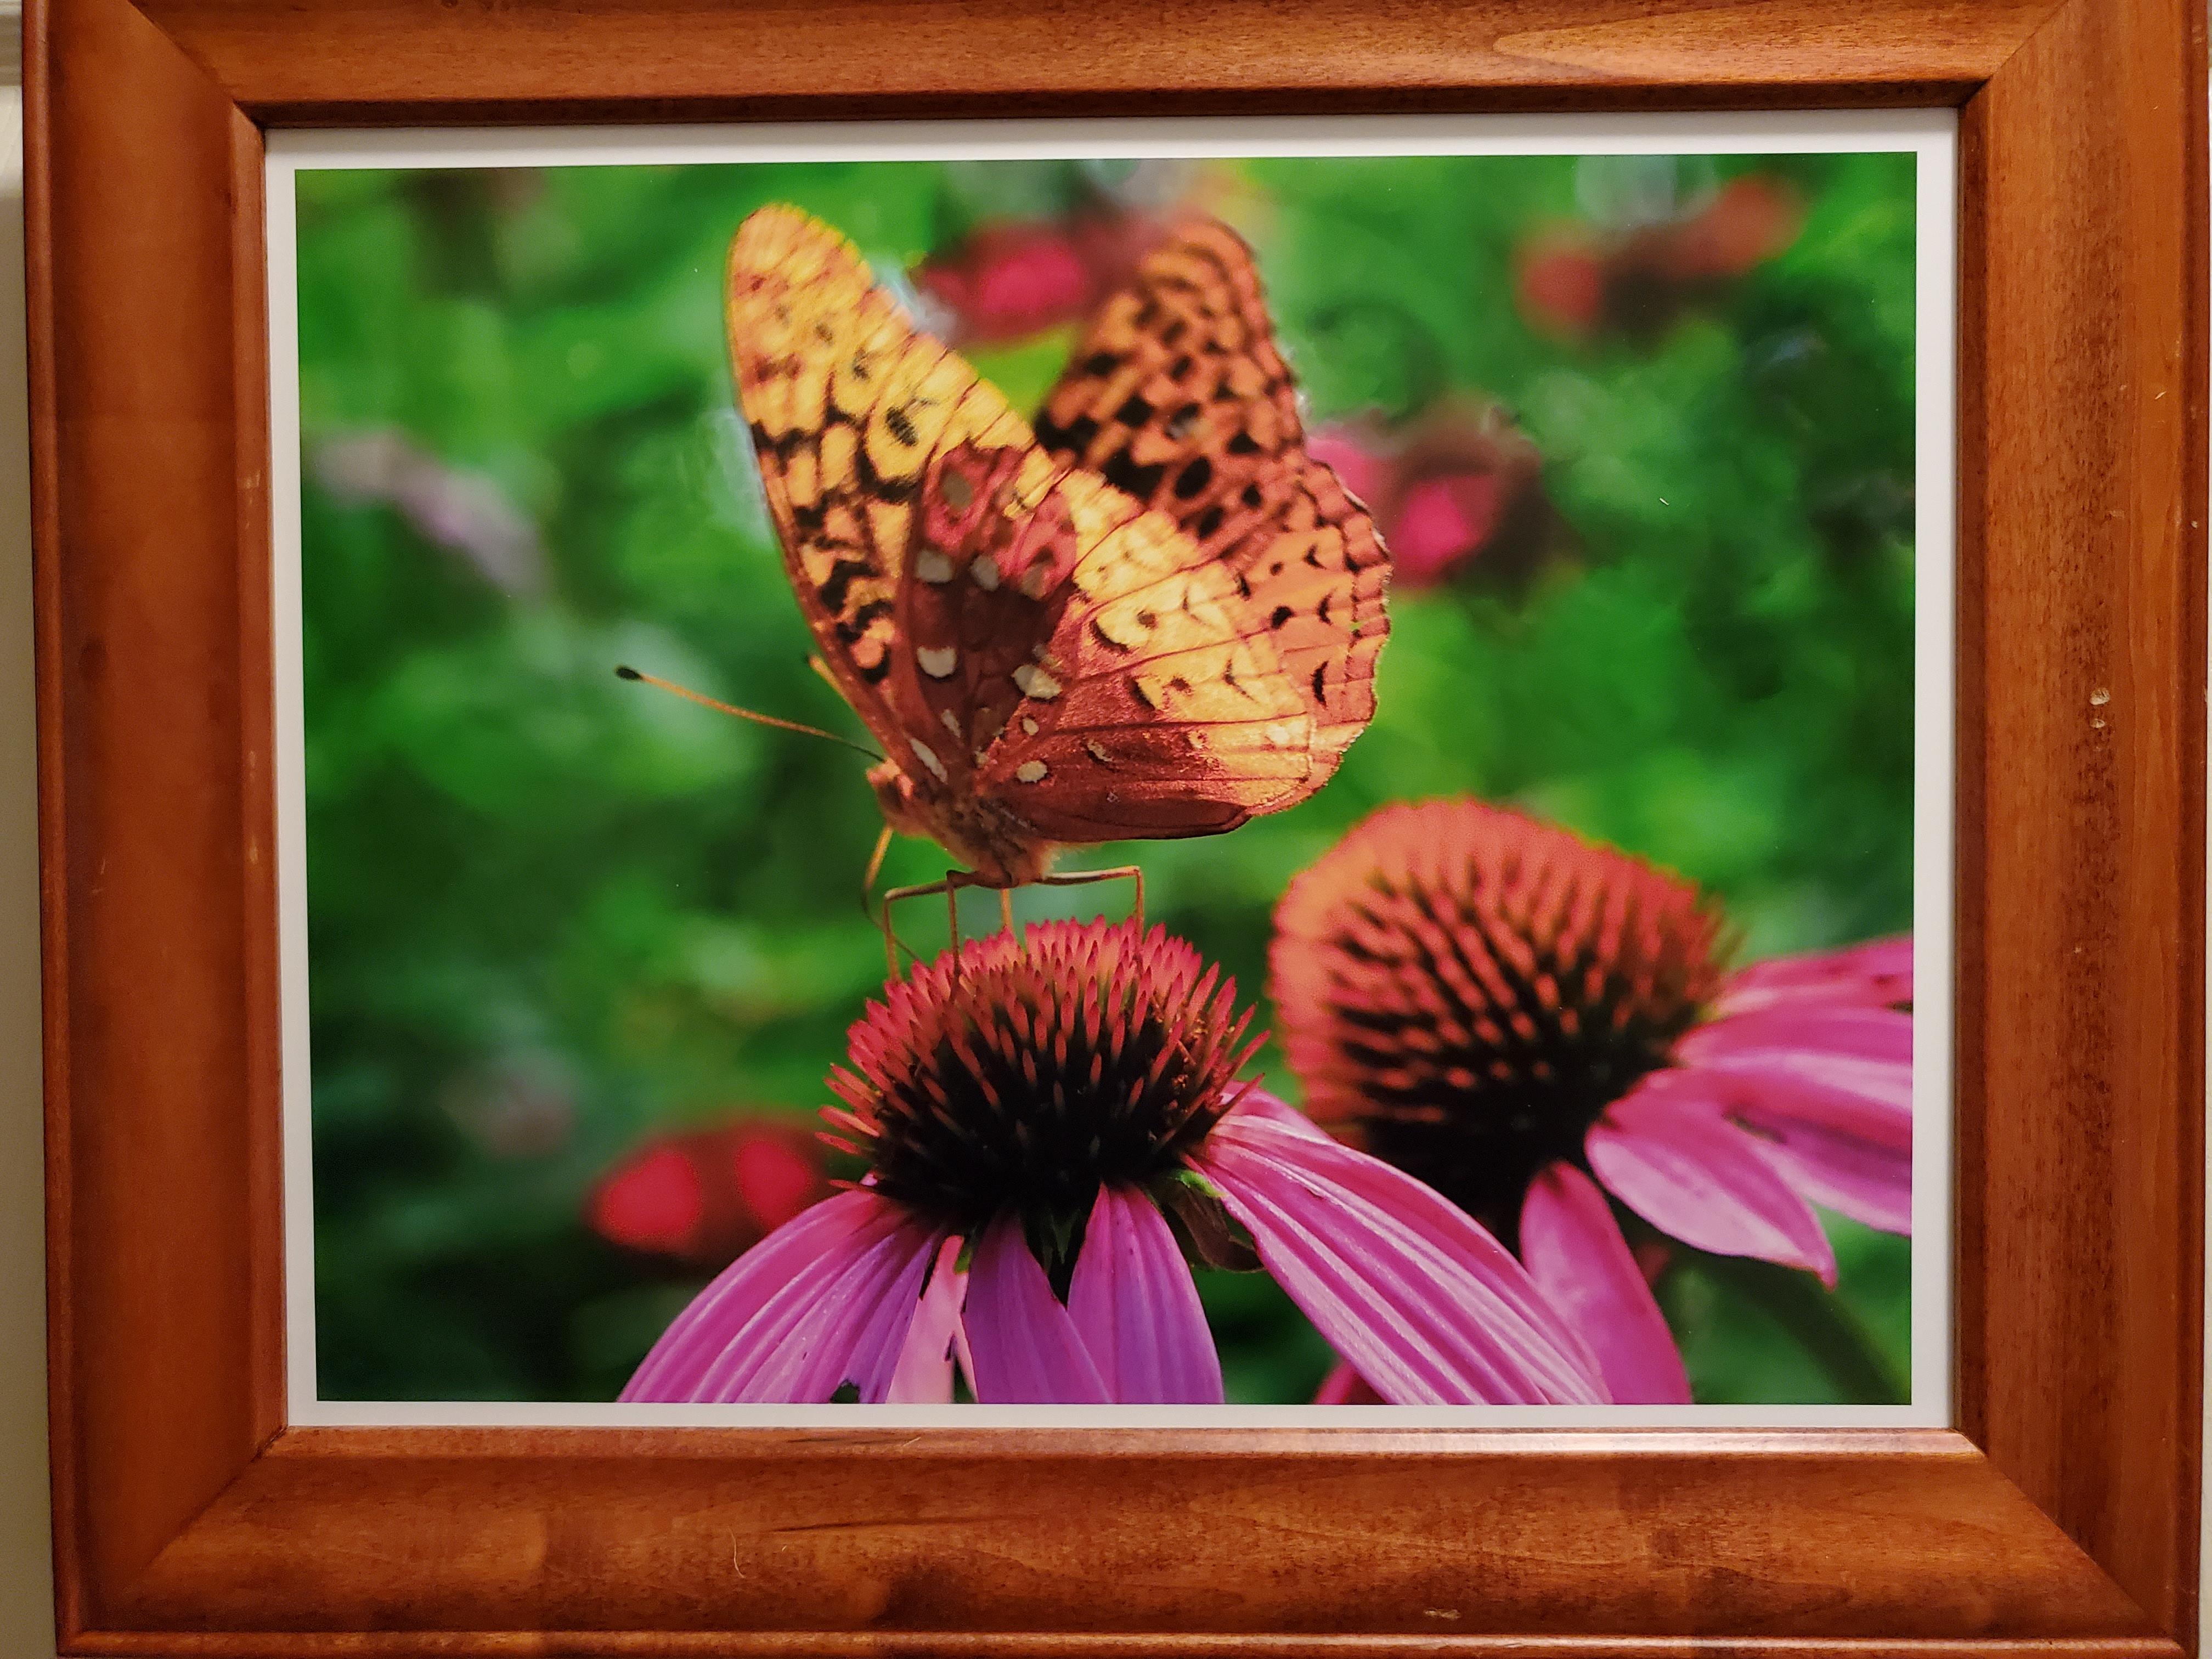 Sunlit Butterfly on Coneflower